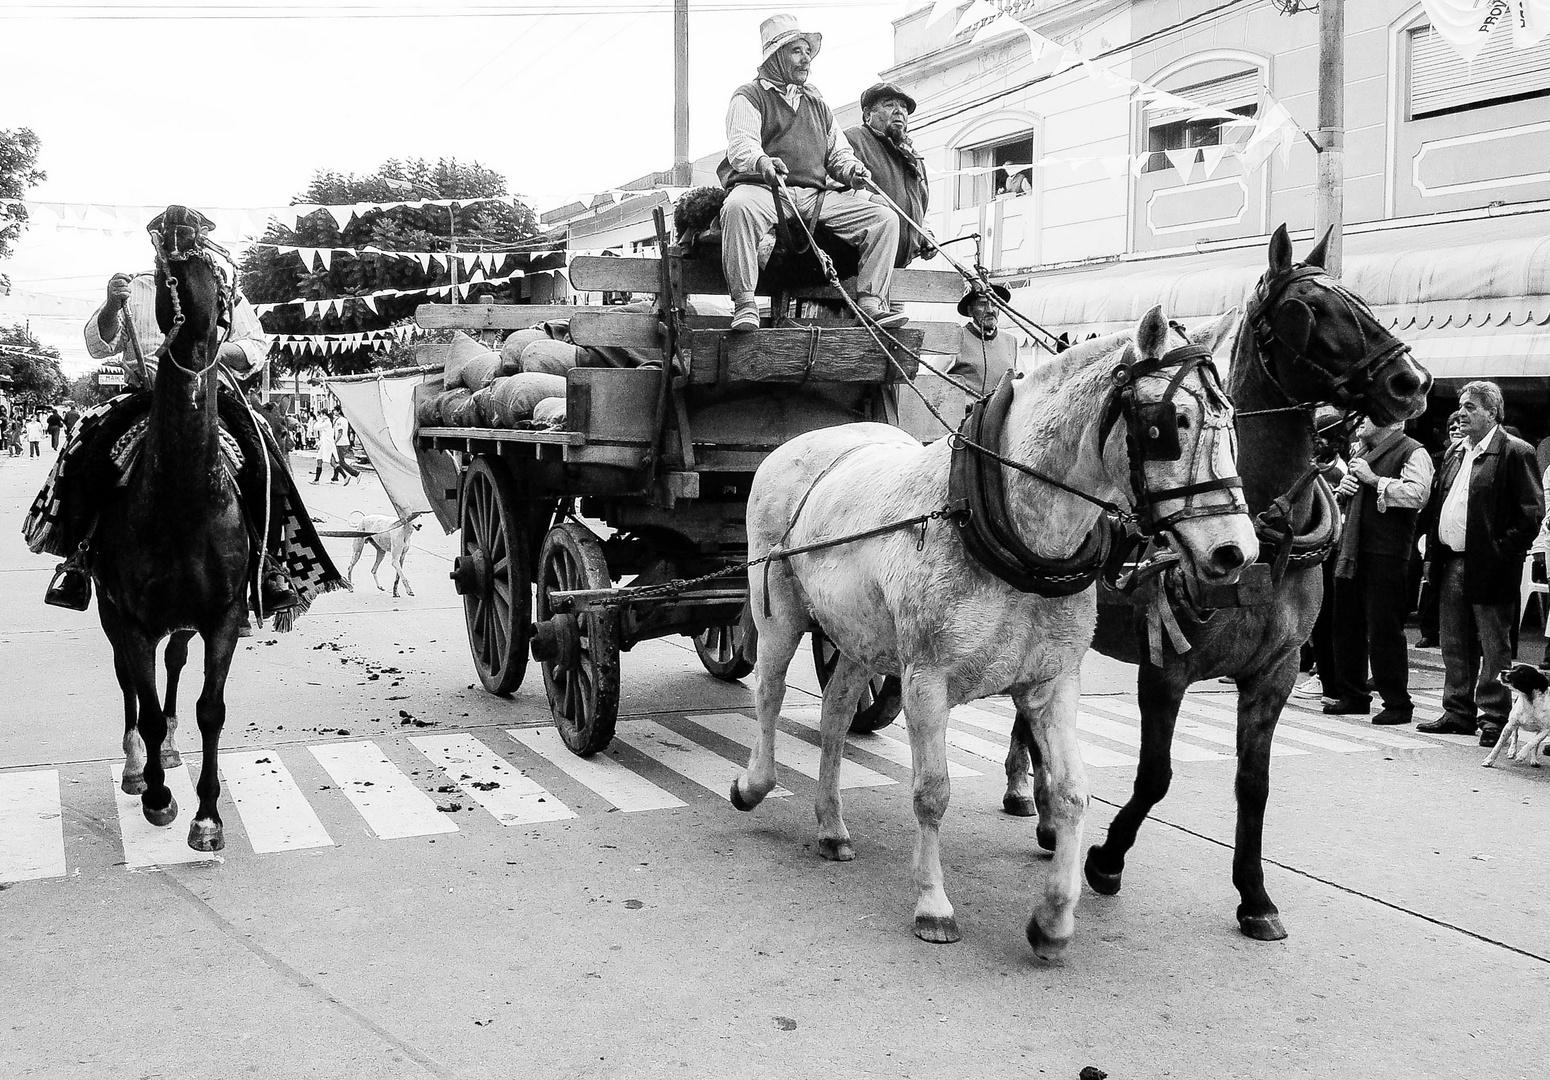 Centenario de mi pueblo (Homenaje al maestro Carlos Valcarcel)